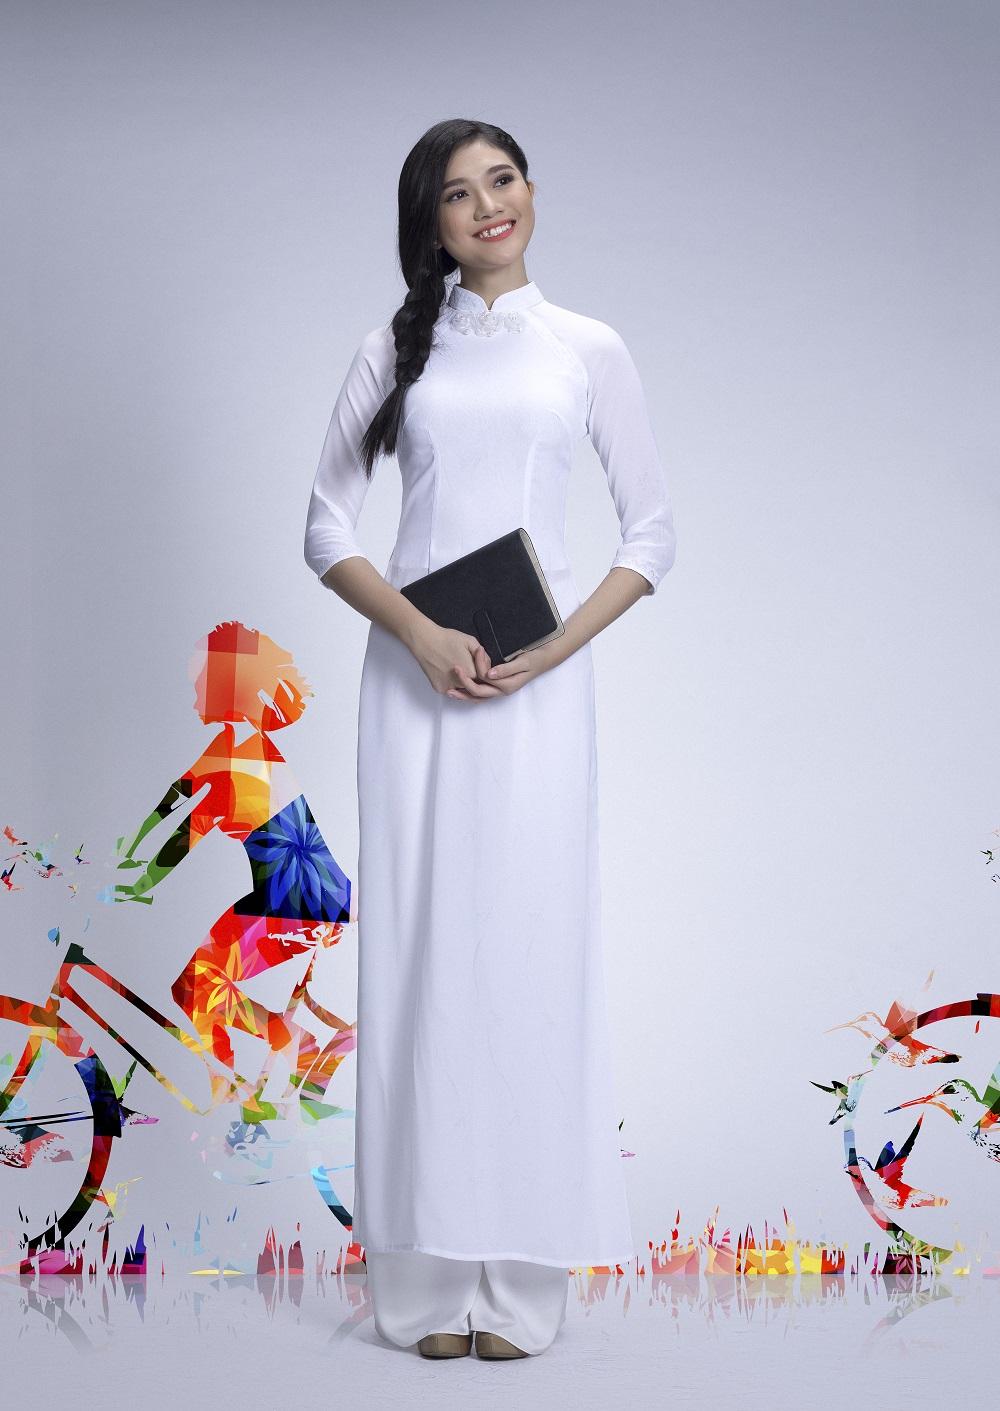 Đẹp tinh khôi với áo dài trắng lấy cảm hứng từ hội họa - Ảnh 7.